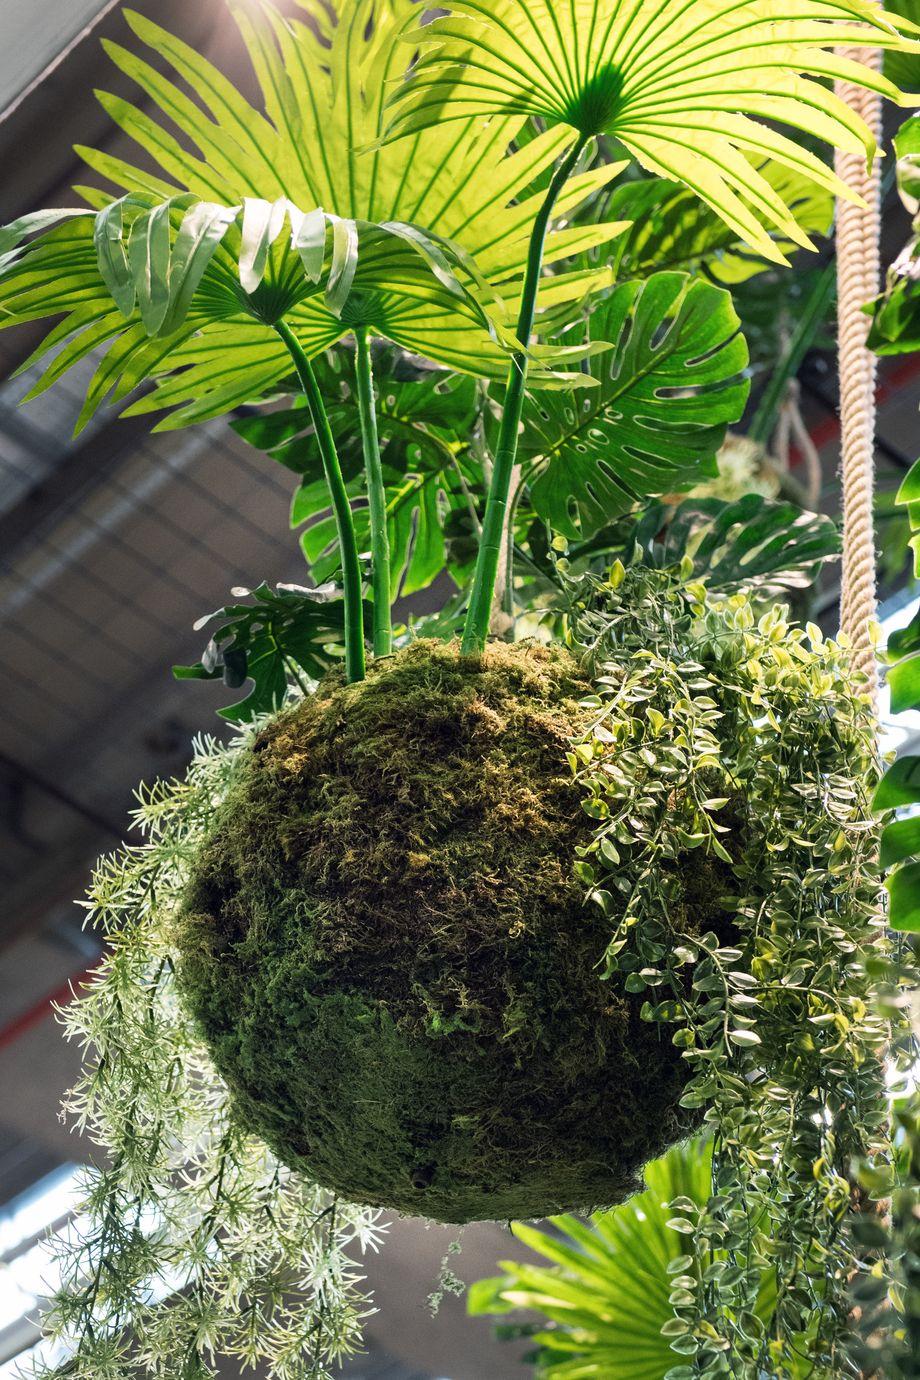 Deko-Ideen für Pflanzen zum Selbermachen - DER SPIEGEL